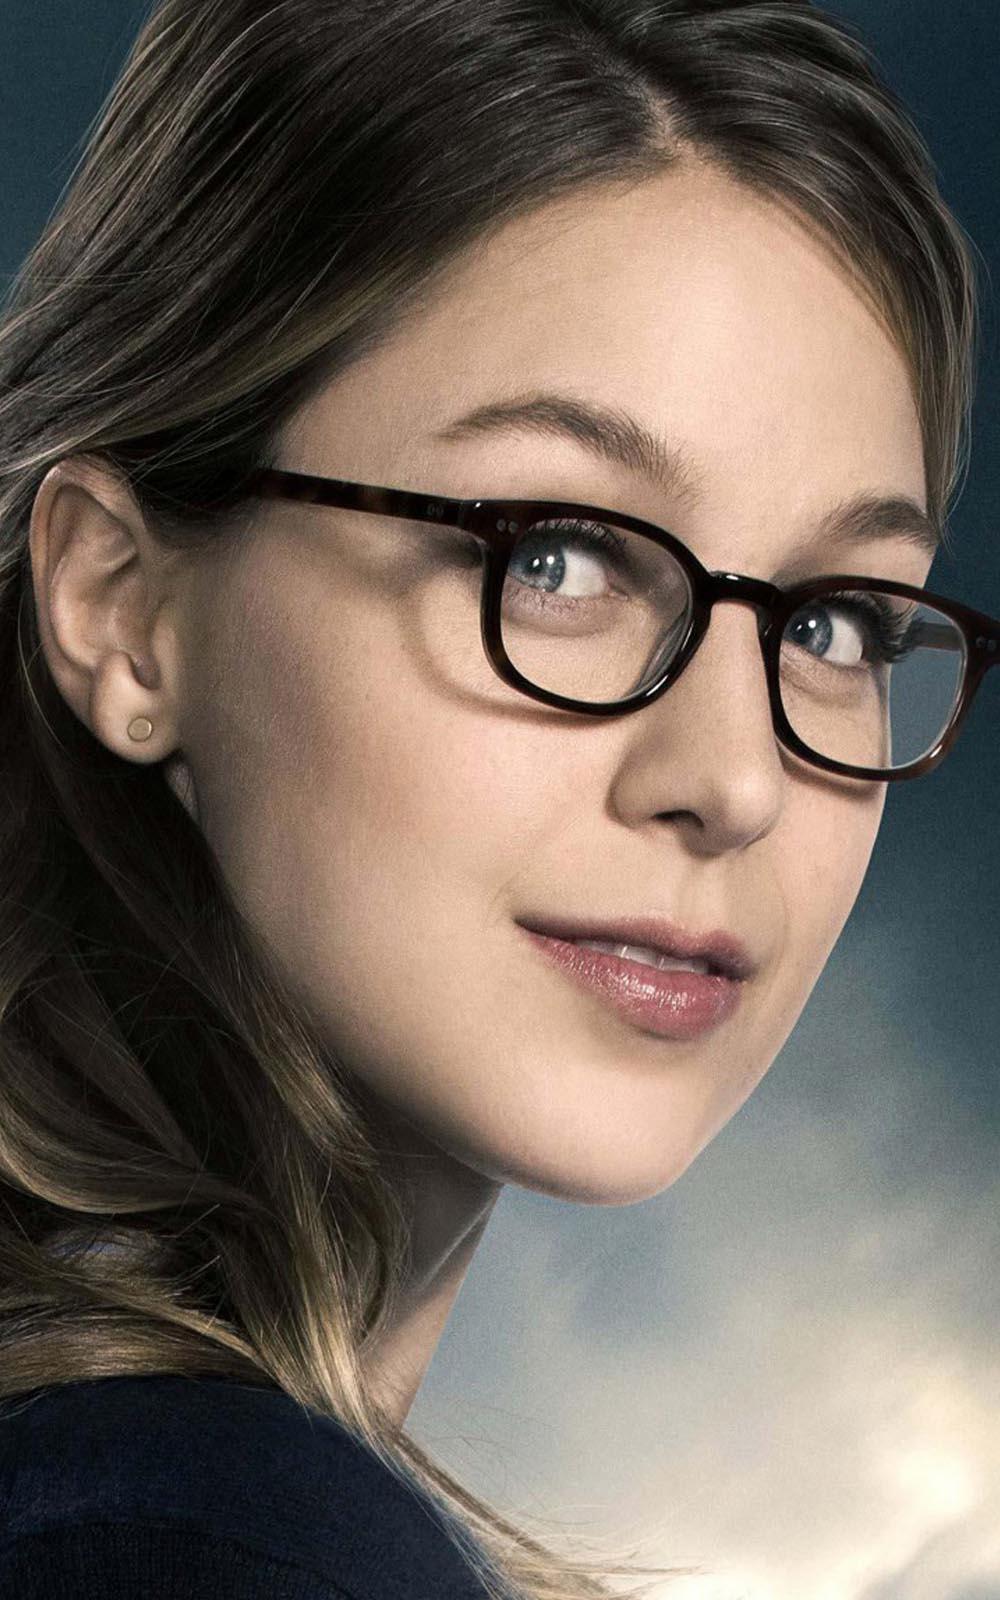 Hd Wallpaper Girl Bike Kara Danvers In Supergirl Download Free Hd Mobile Wallpapers